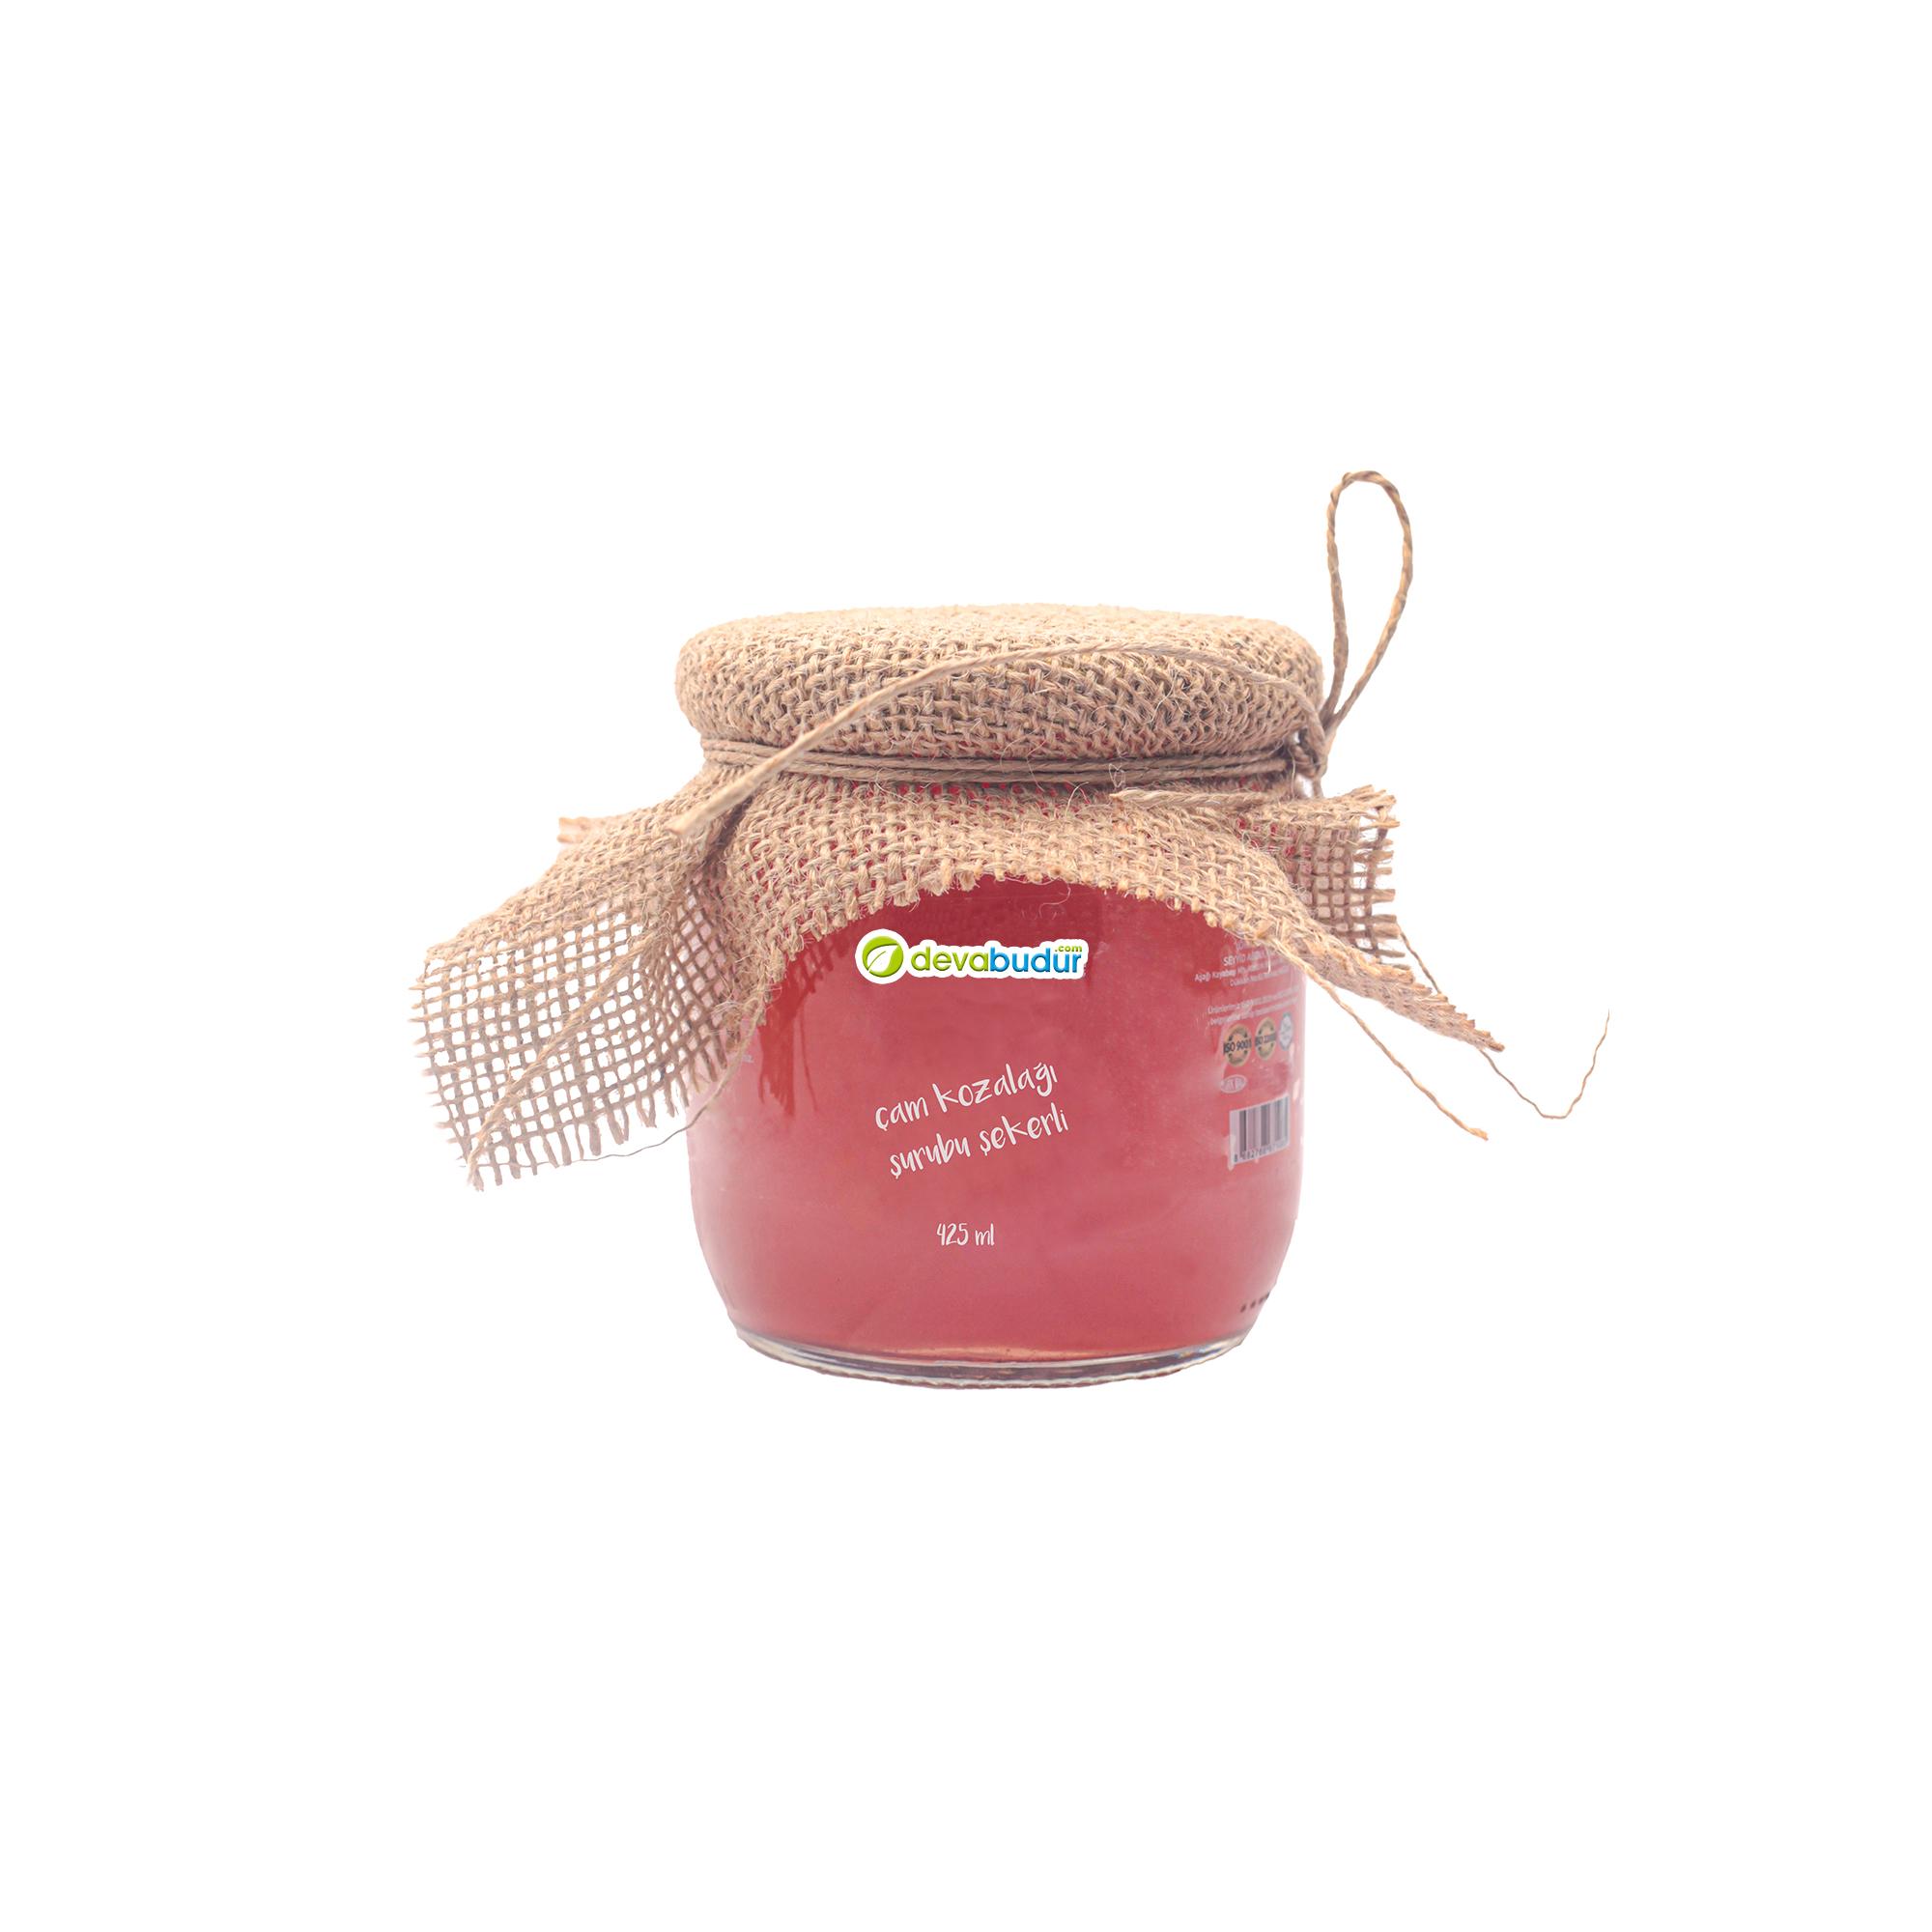 Çam Kozalağı Şurubu (Şekerli) (425 ML)